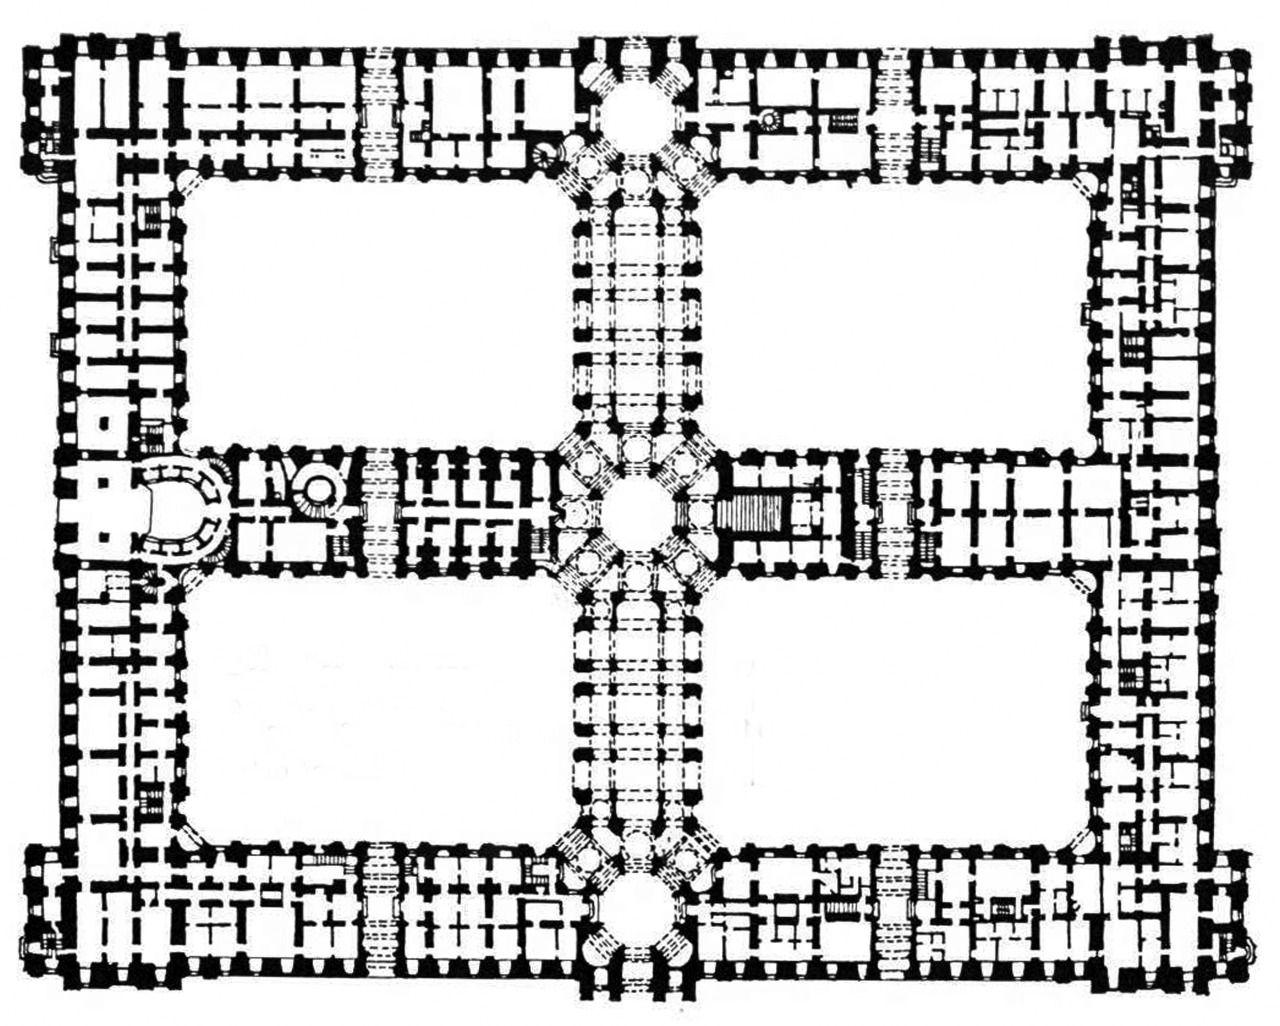 Luigi Vanvitelli Royal Palace Plan Caserta Italy 1752